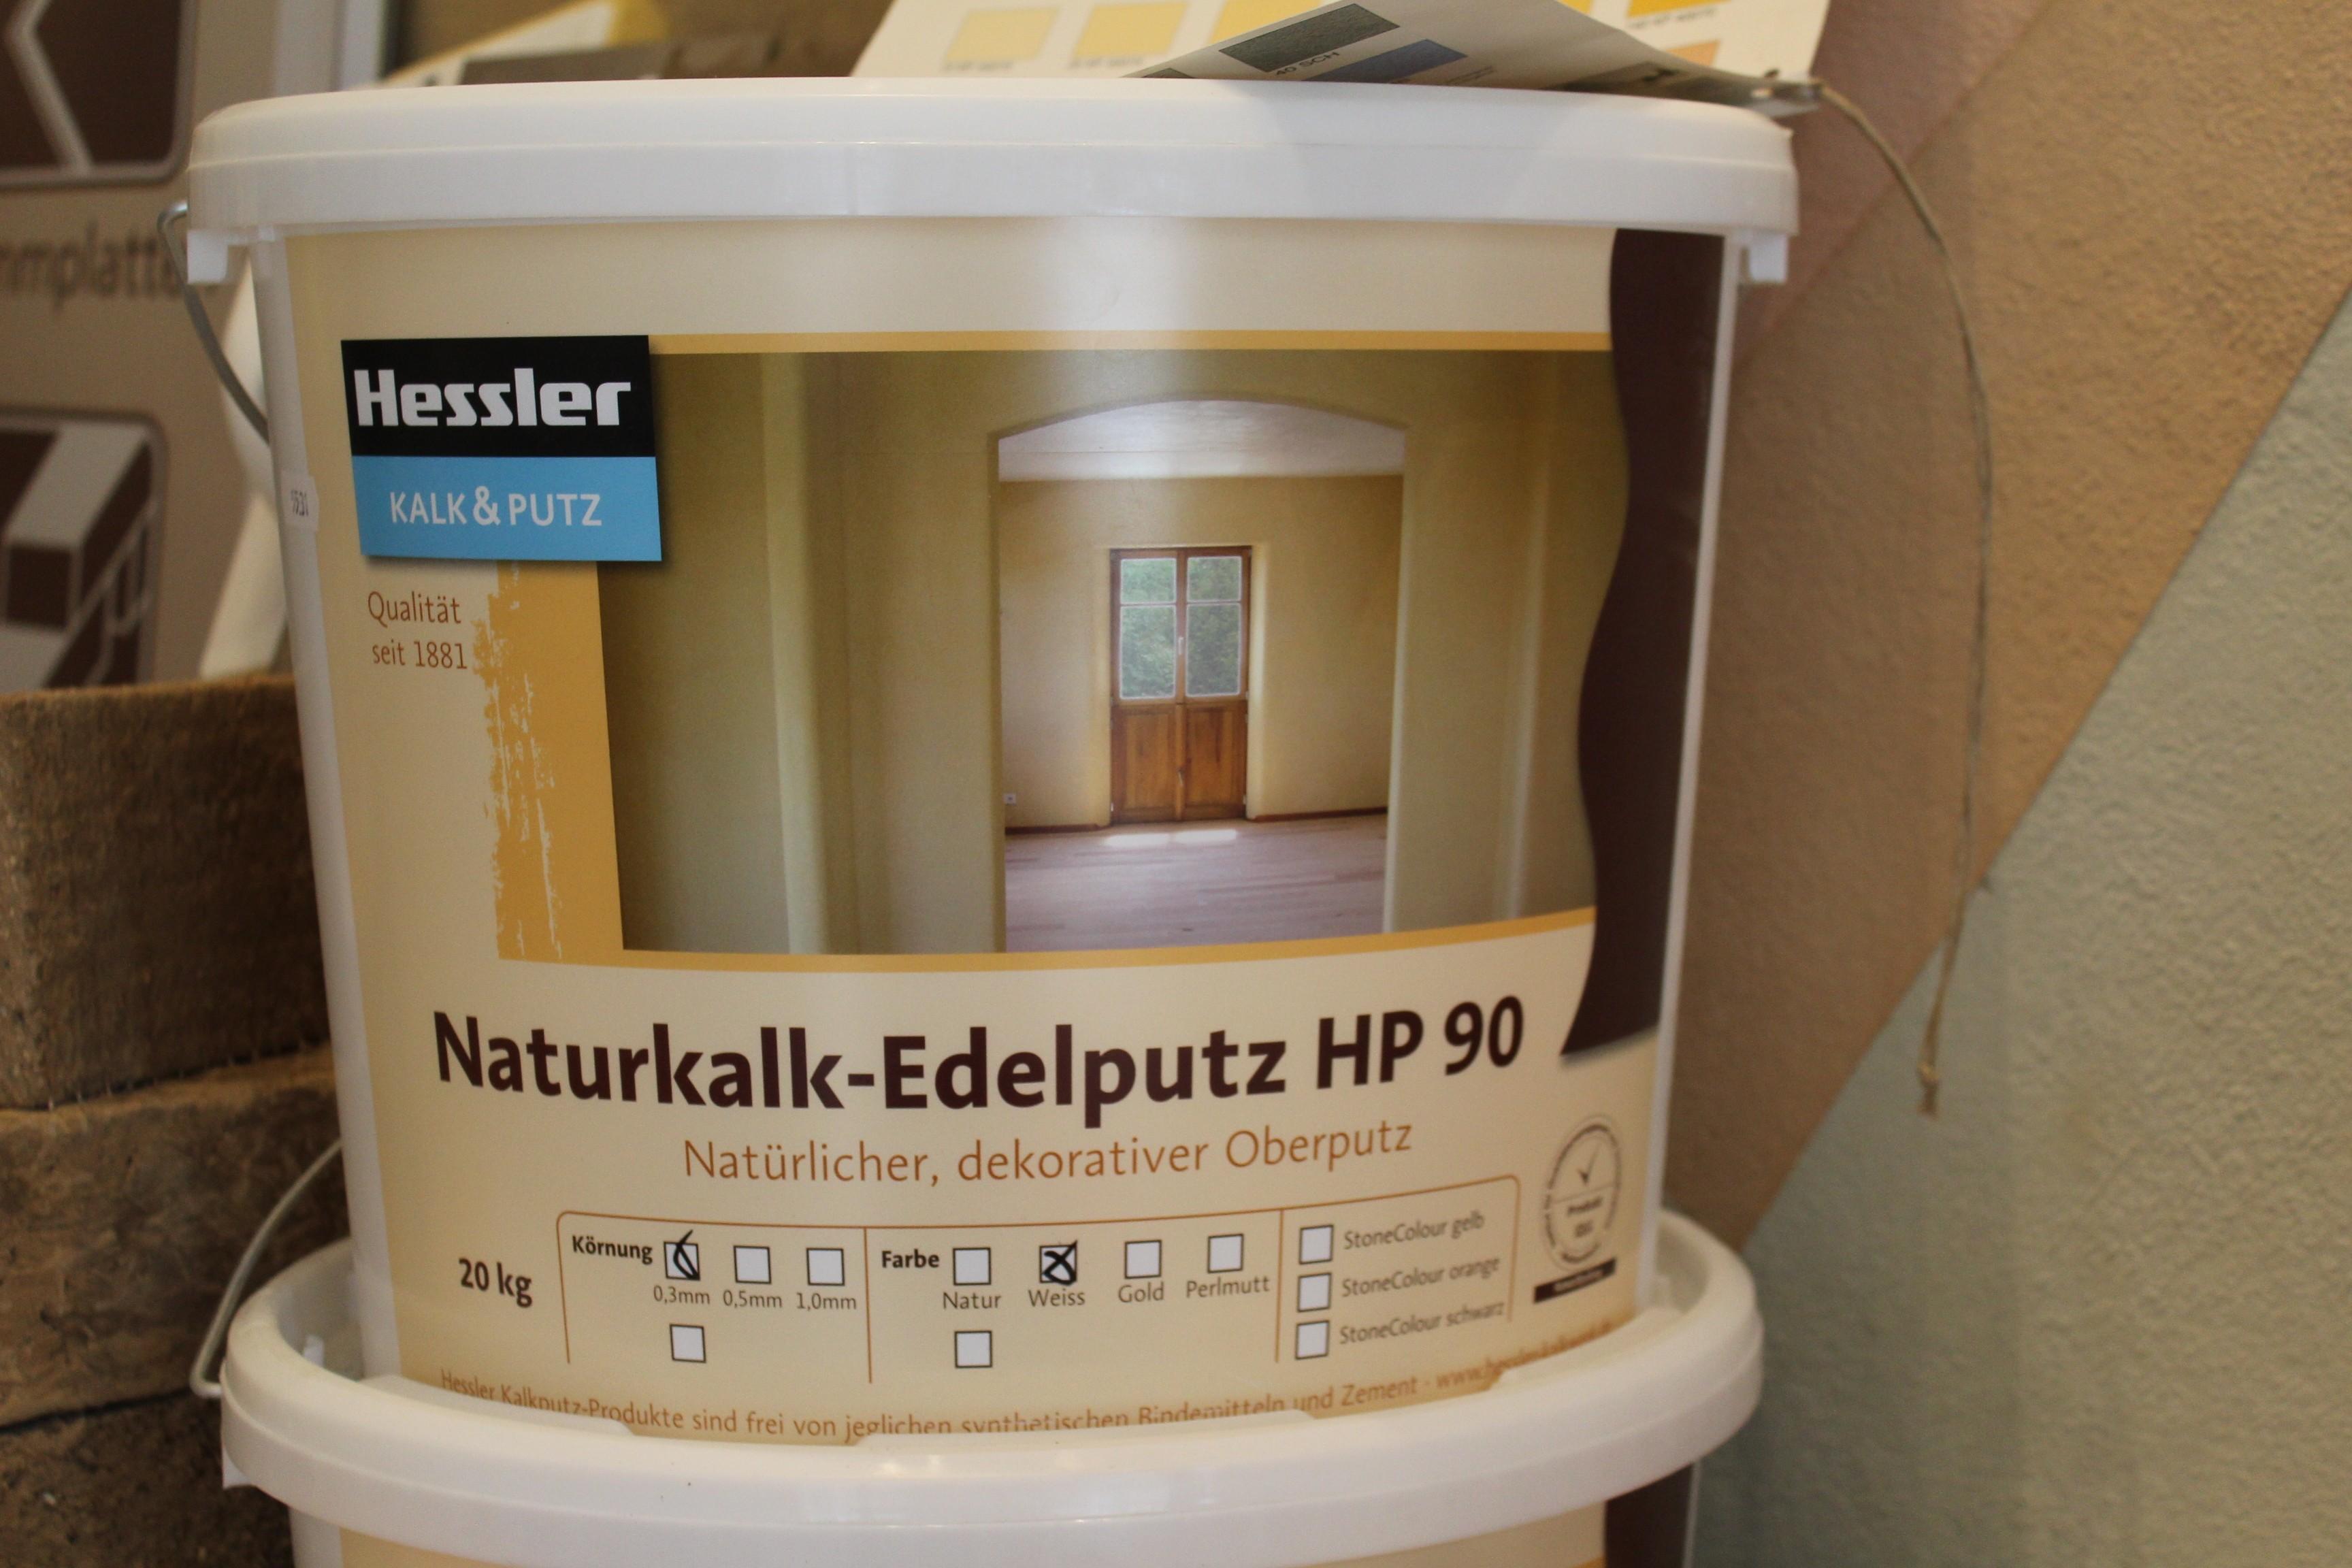 Hessler HP 90 - Naturkalk-Feinputz weiß  0,3 mm 20 kg-Eimer